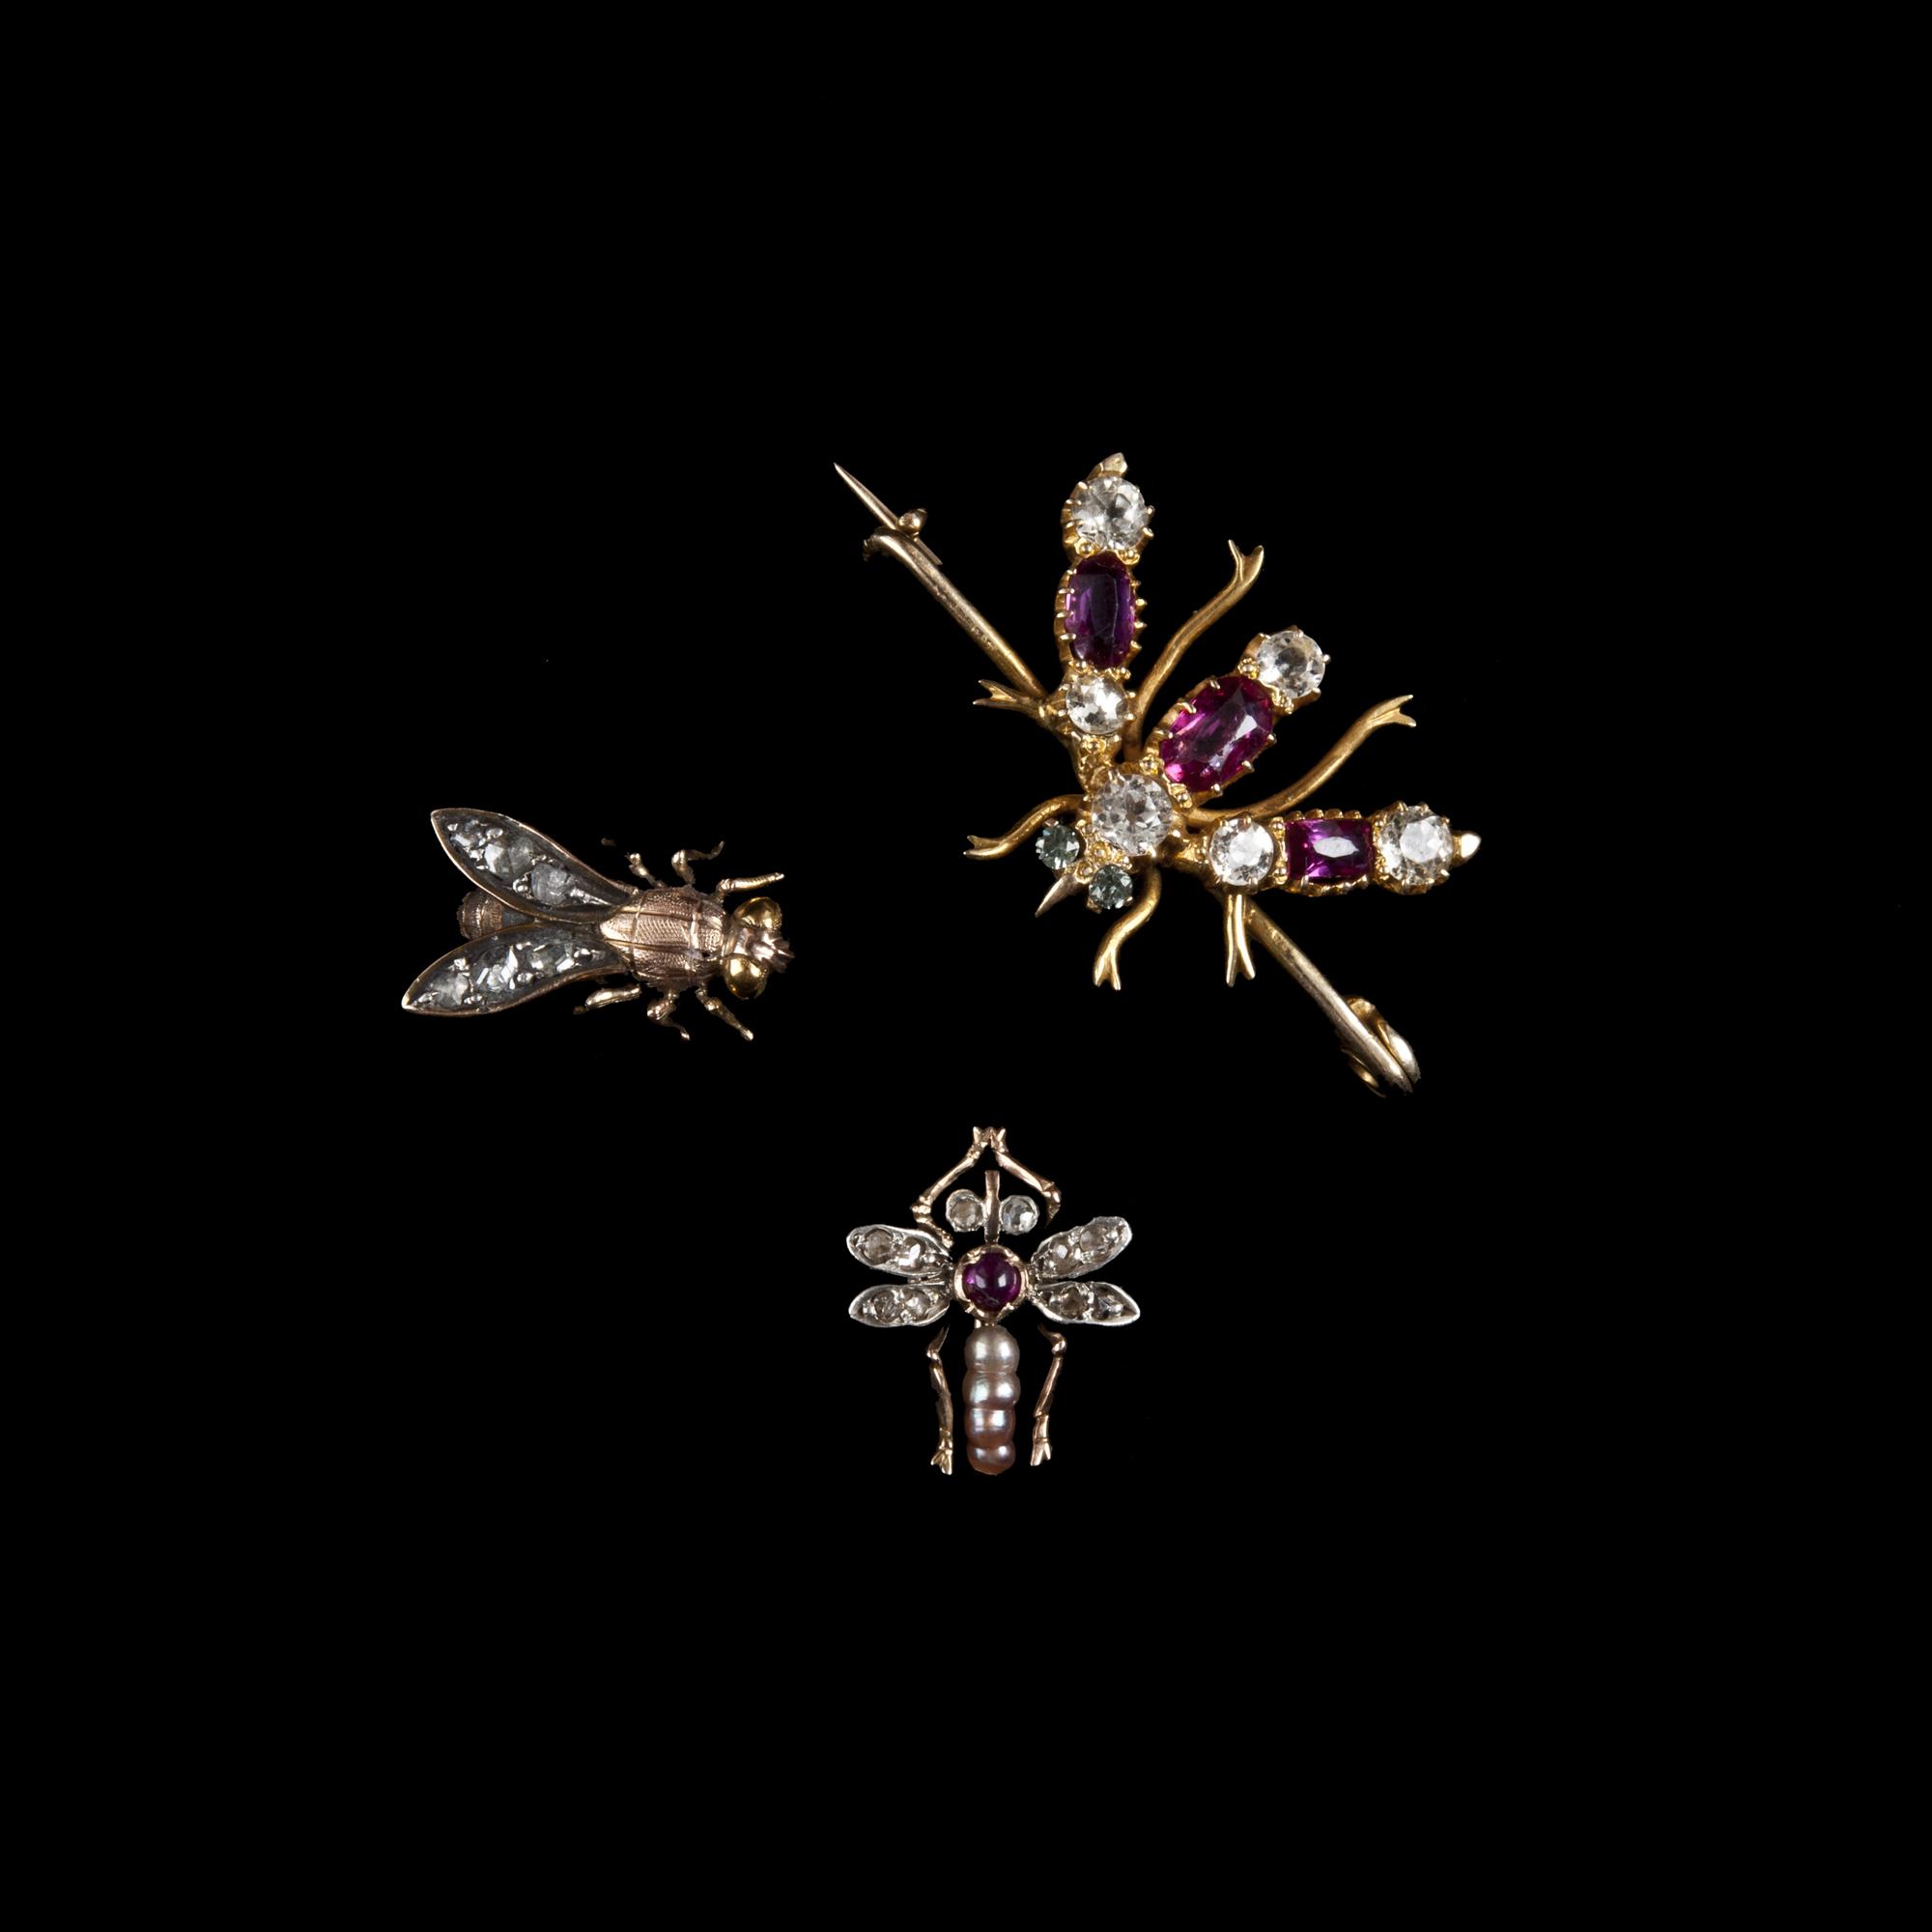 Szpilki krawatowe i broszka, pocz. XX w. Kolekcje A. Leja i Salonu Antyków Kolekcjoner Nowy Sącz